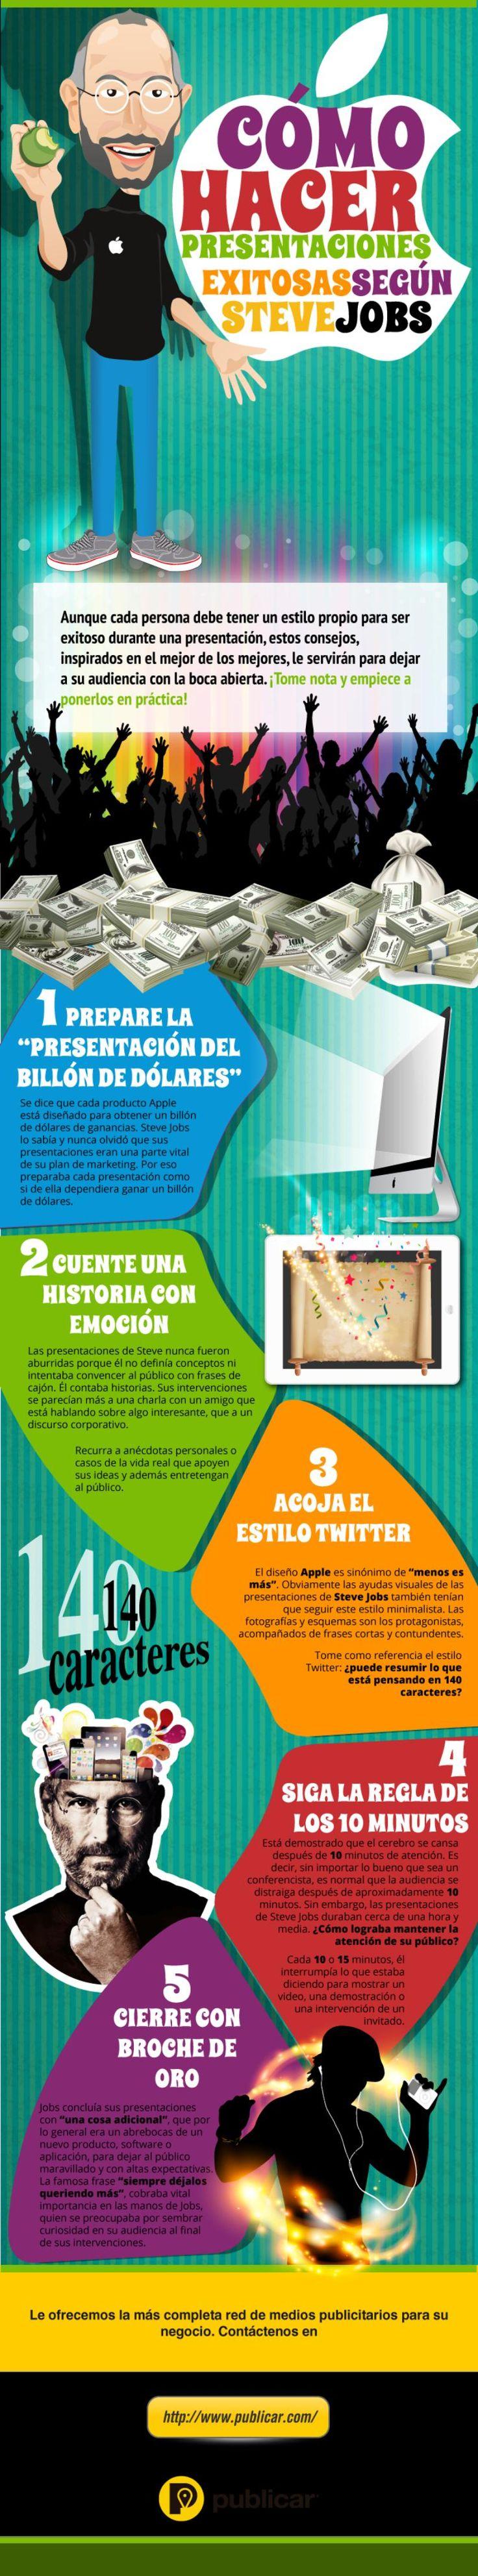 Una infografía en español con cinco consejos, inspirados en las enseñanzas que nos legó Steve Jobs, para crear presentaciones de éxito.